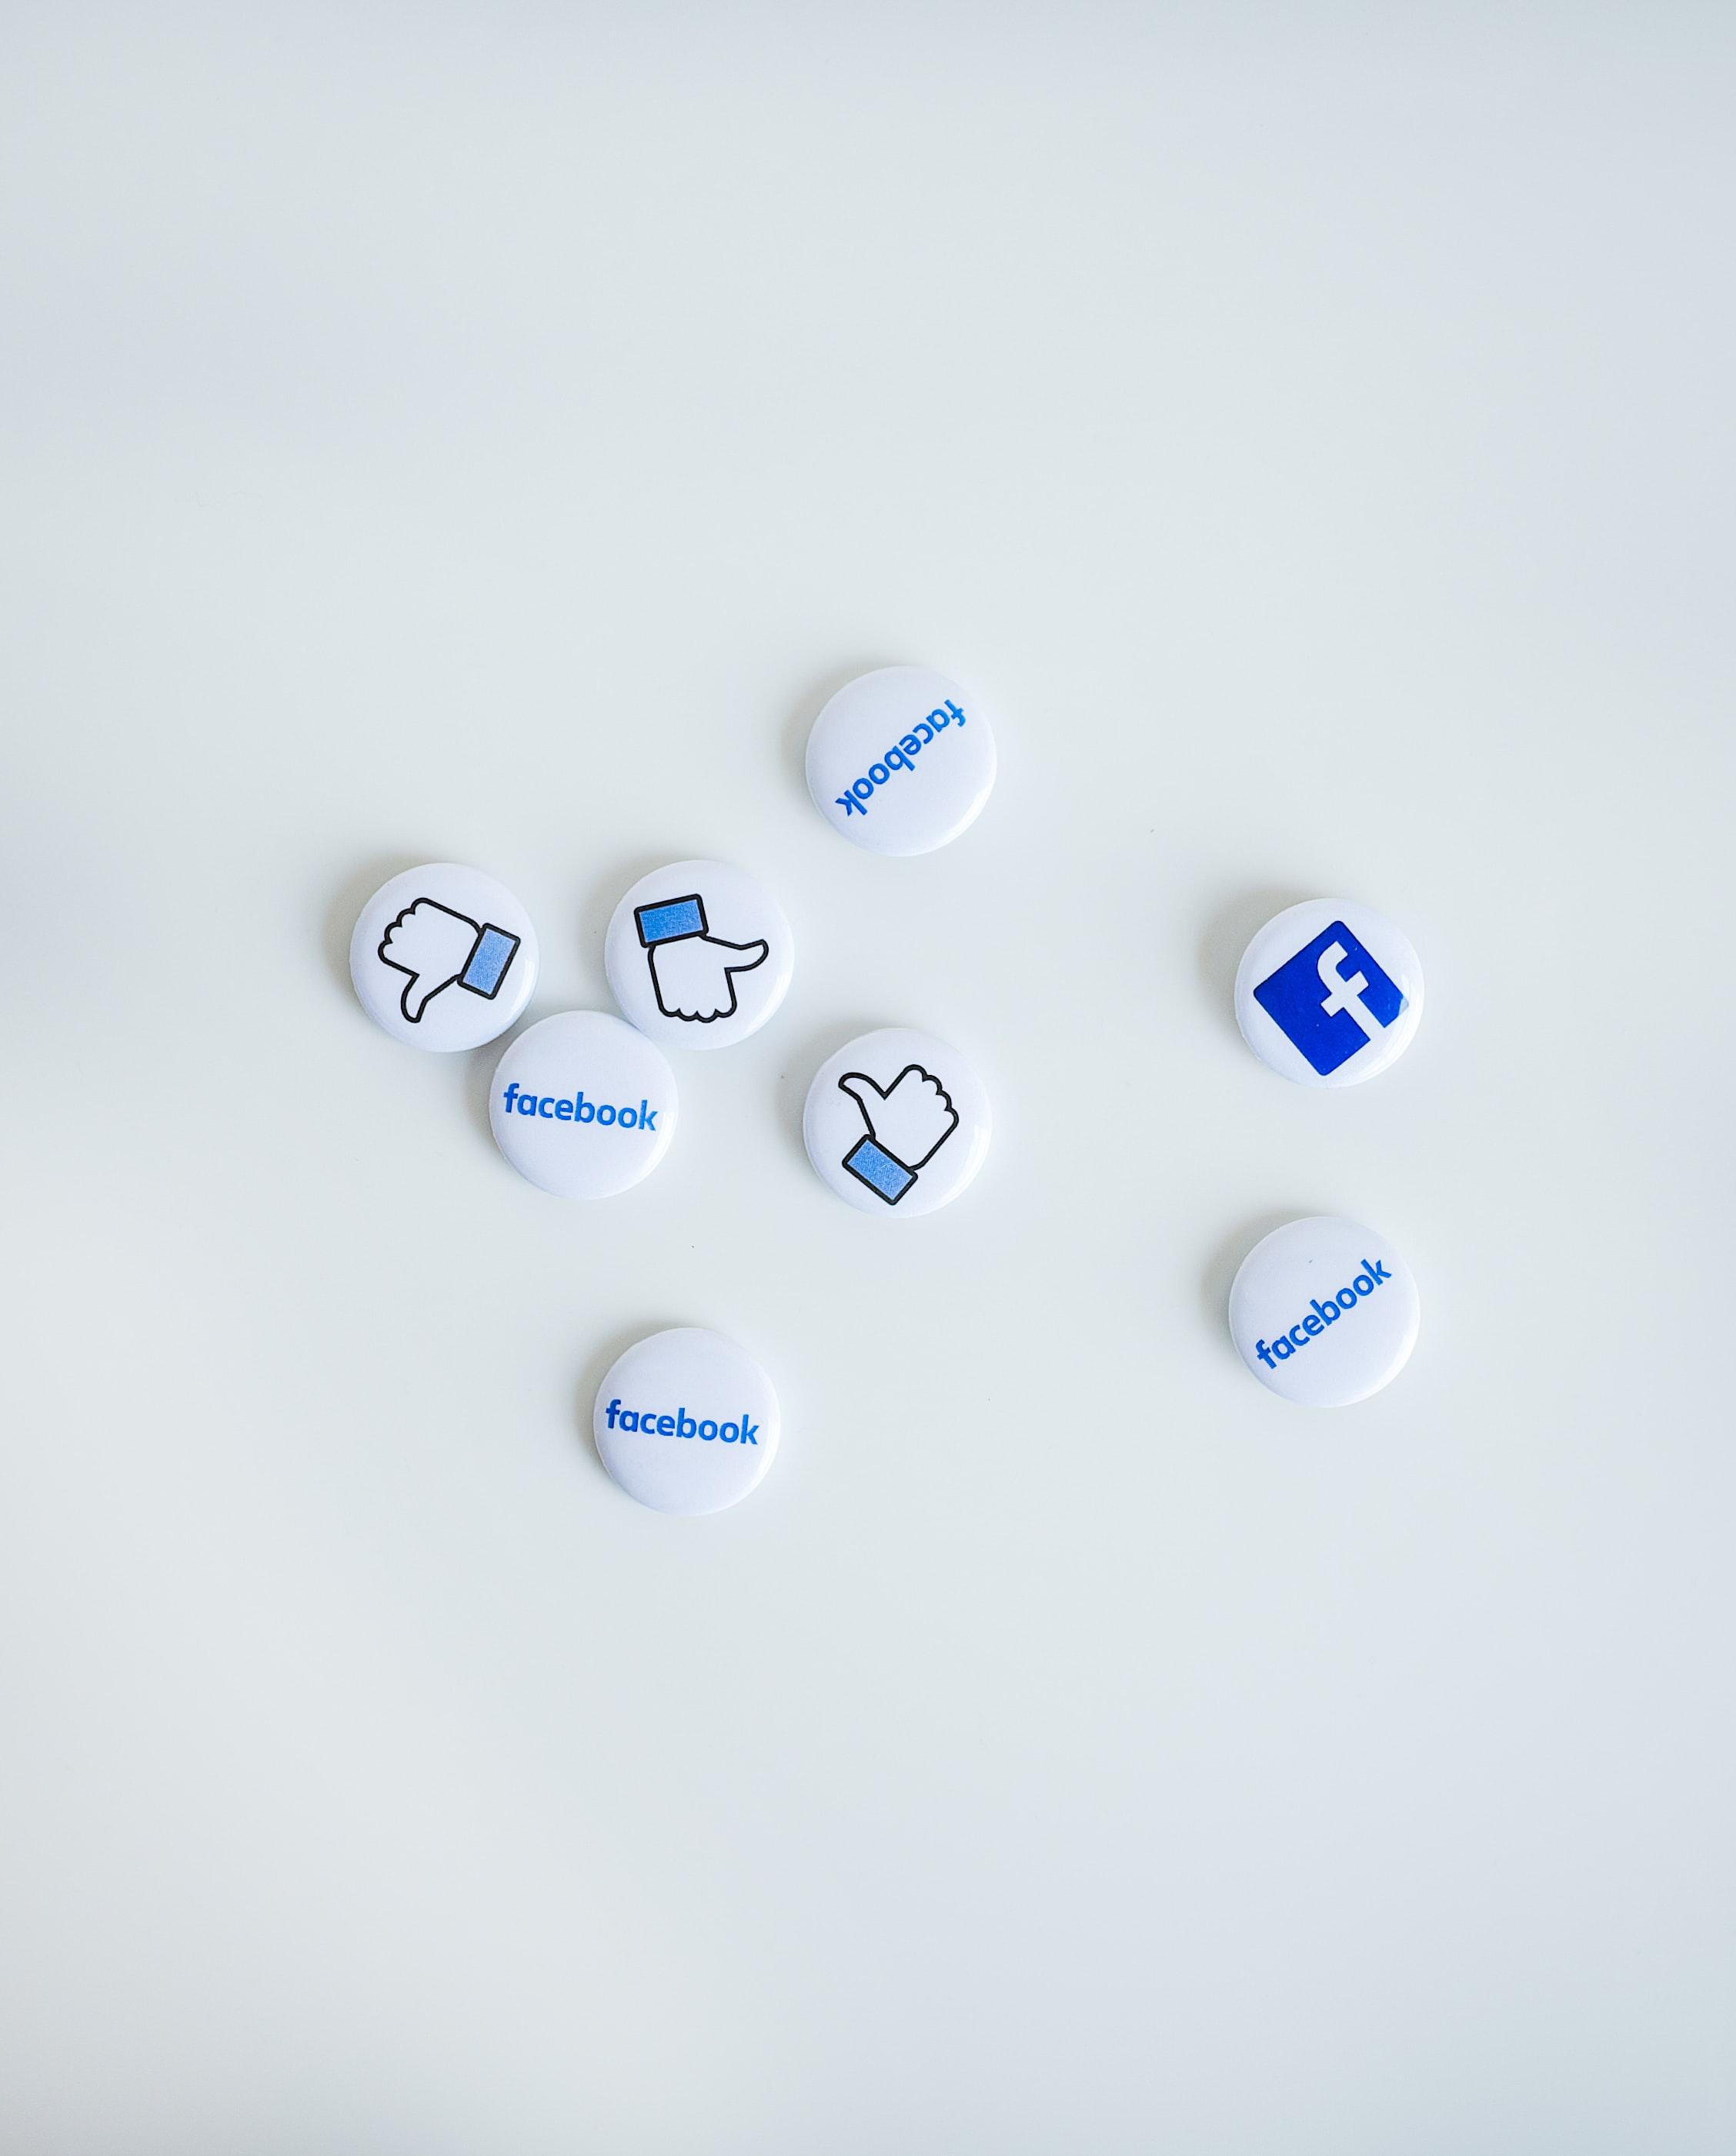 #4 razões porque o seu negócio precisa das redes sociais